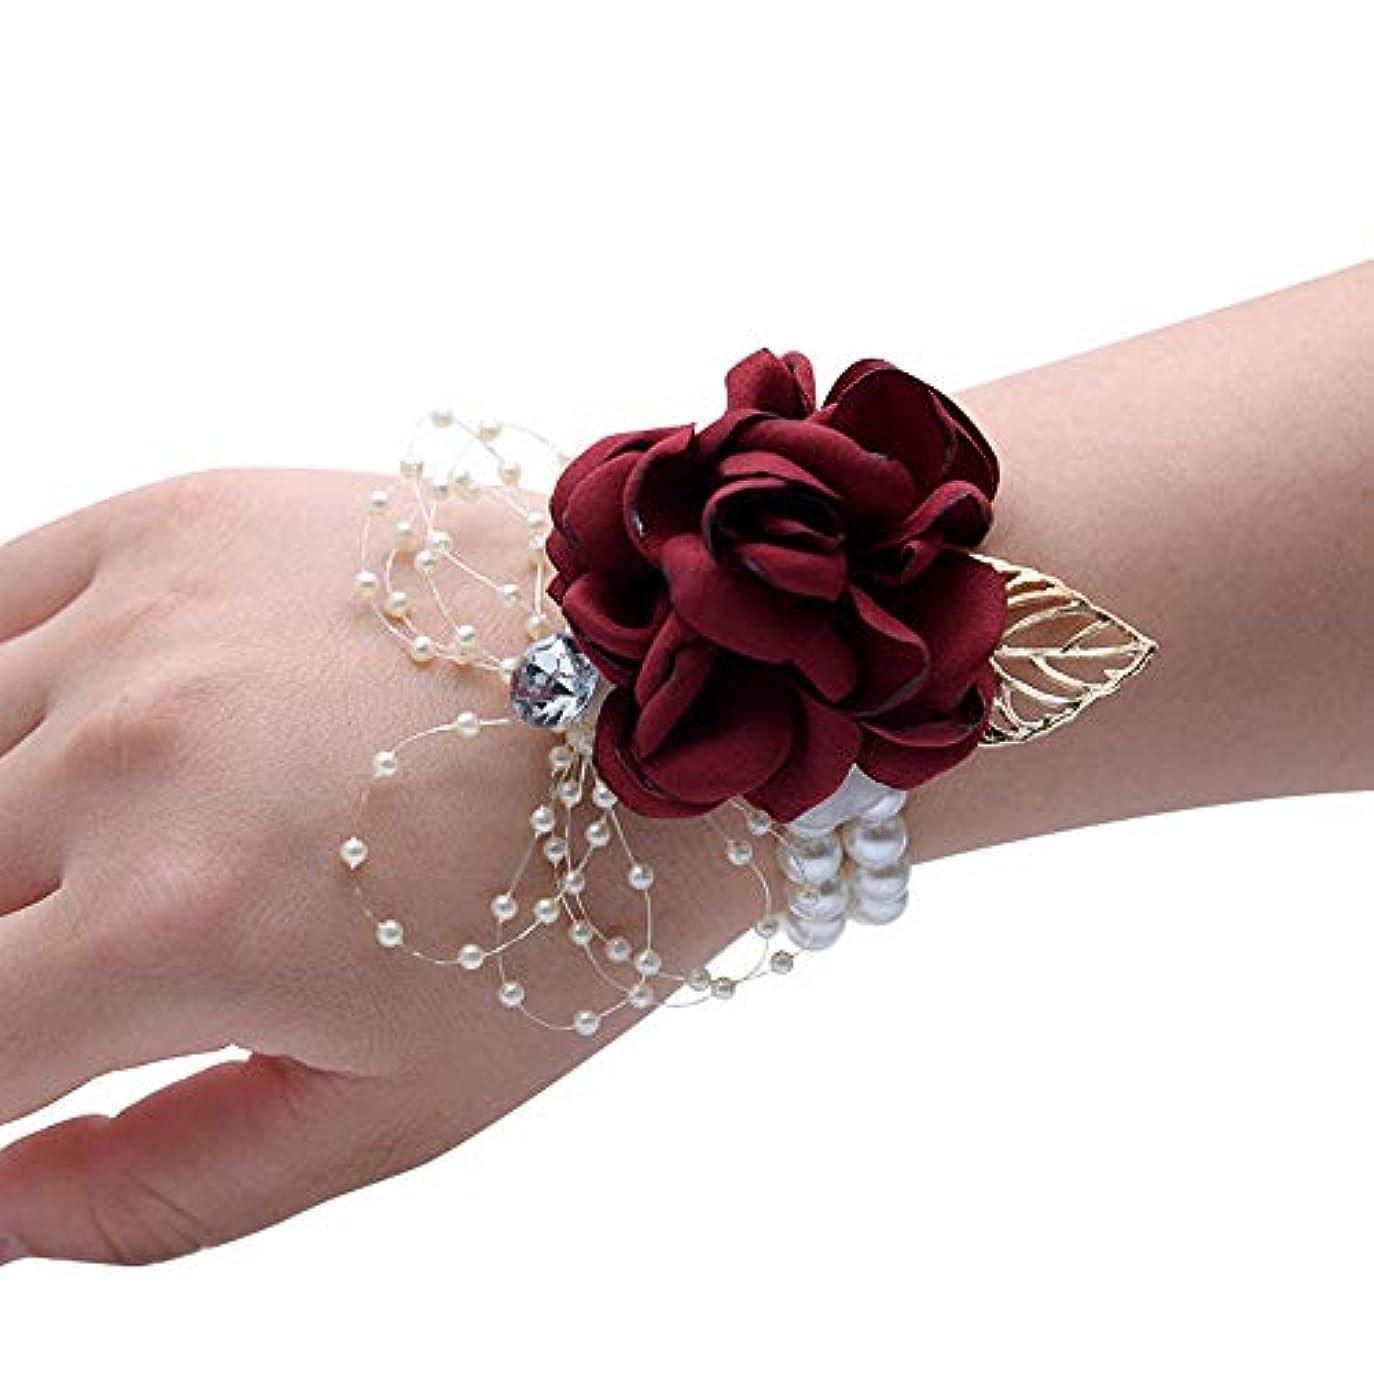 収容する絶滅させるしなければならないMerssavo 手首の花 - 女の子チャーム手首コサージュブレスレット花嫁介添人姉妹の手の花のどの真珠の結婚式、ワインレッド